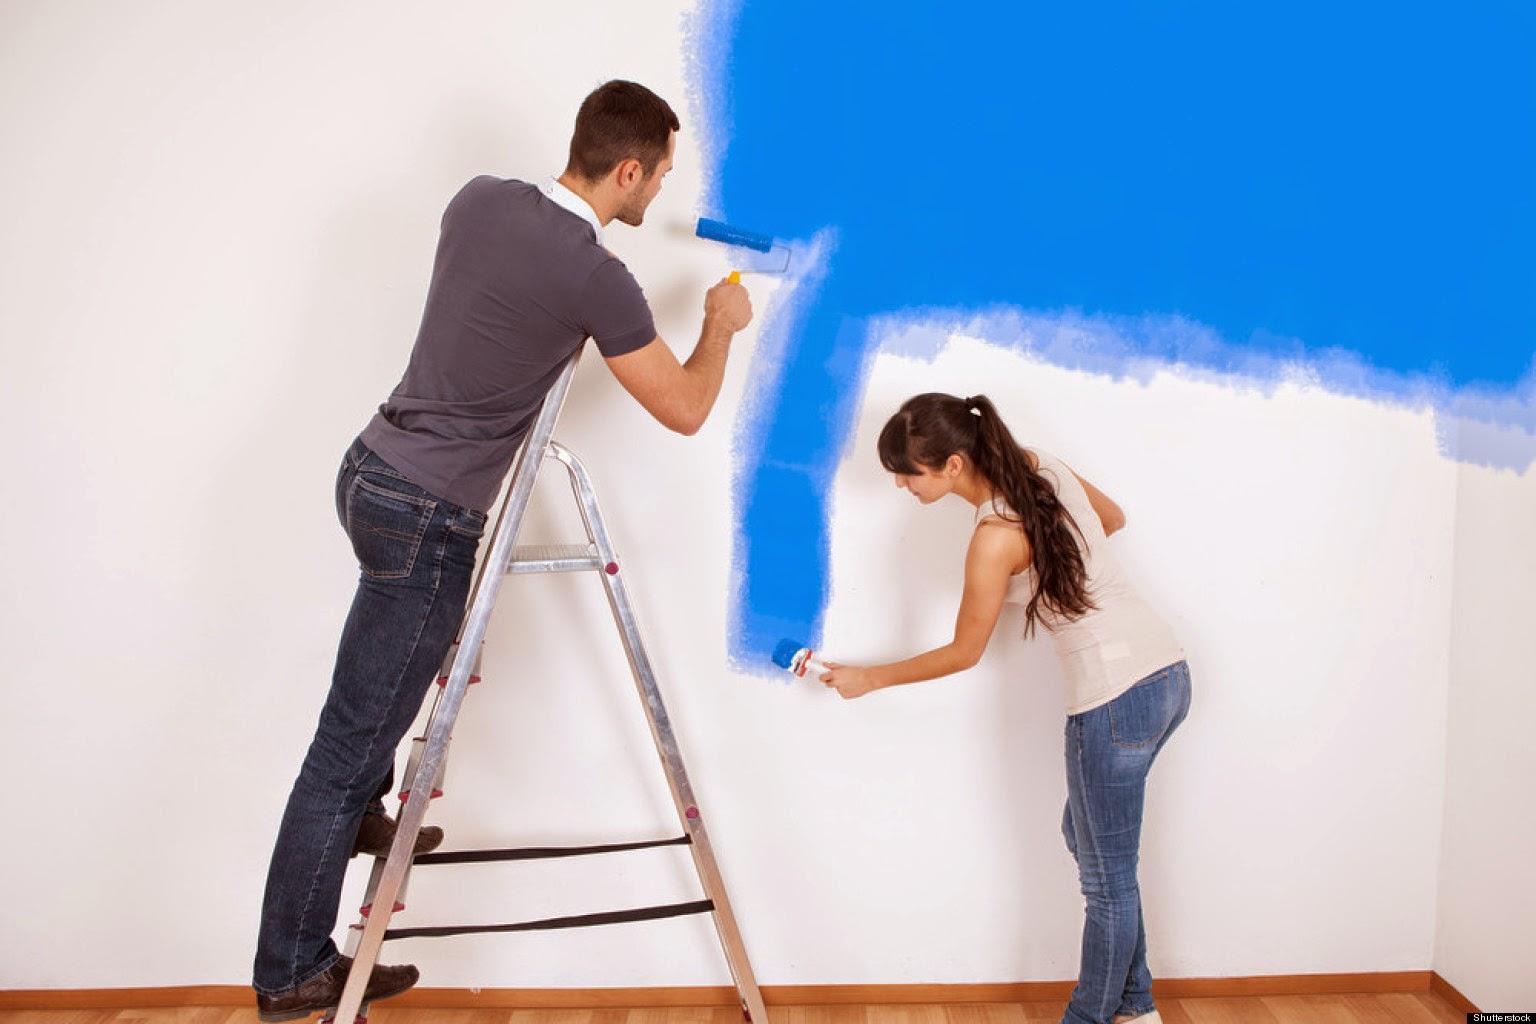 Dịch vụ sơn nhà trọn gói tại tphcm Hotline 0908 648 509 - Công ty sơn sửa nhà - Chống thấm - Đóng trần thạch cao - Điện nước